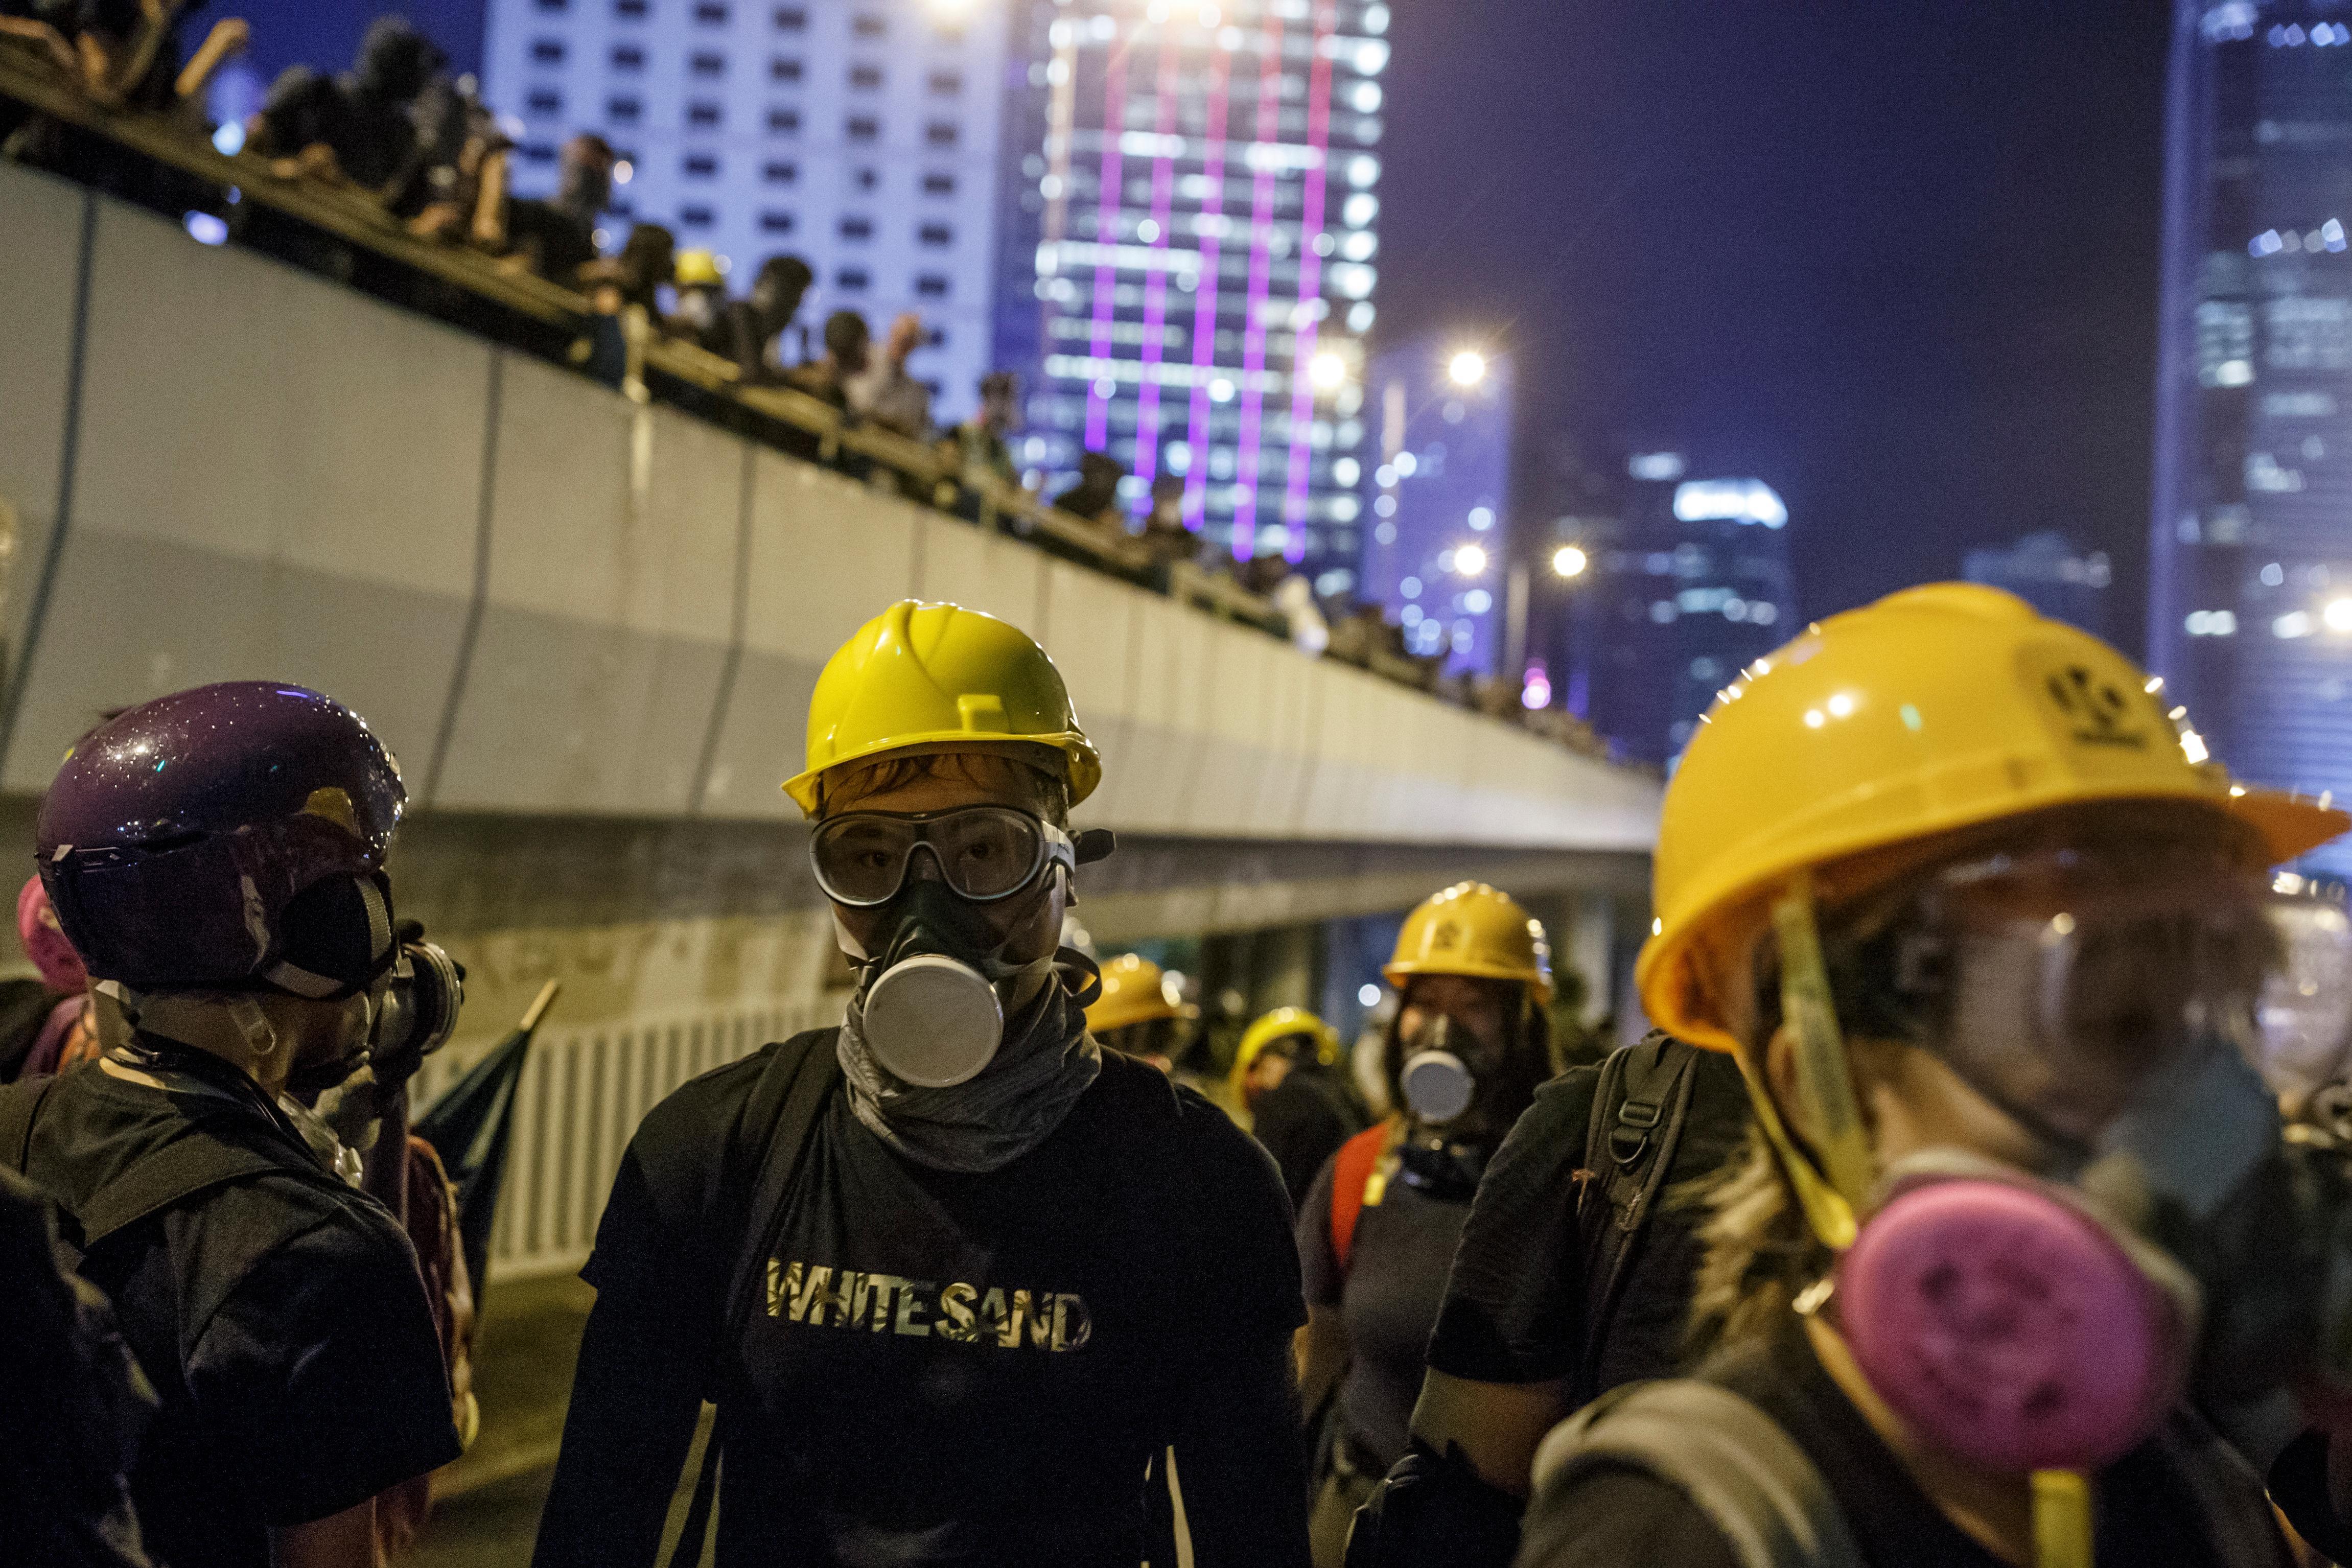 Les manifestants de Hong Kong sillonnent les rues paisiblement sous une pluie battante